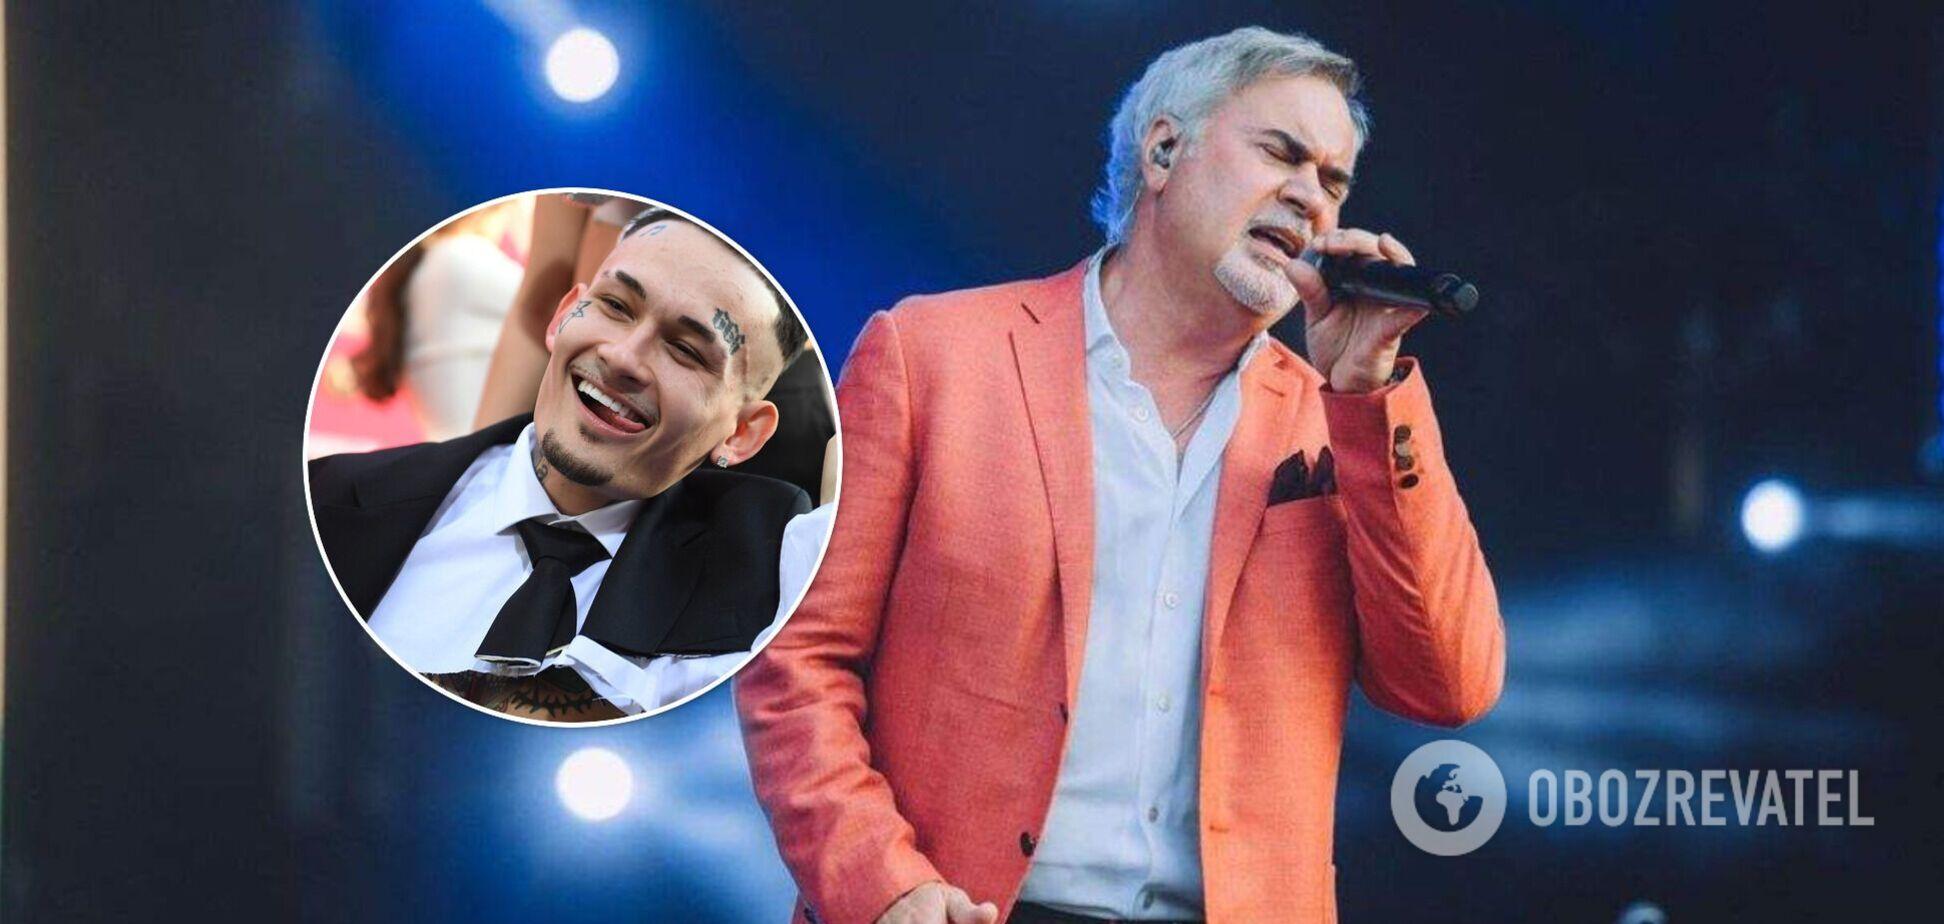 Валерій Меладзе розповів про повагу до Моргенштерна і чи готовий з ним заспівати. Відео